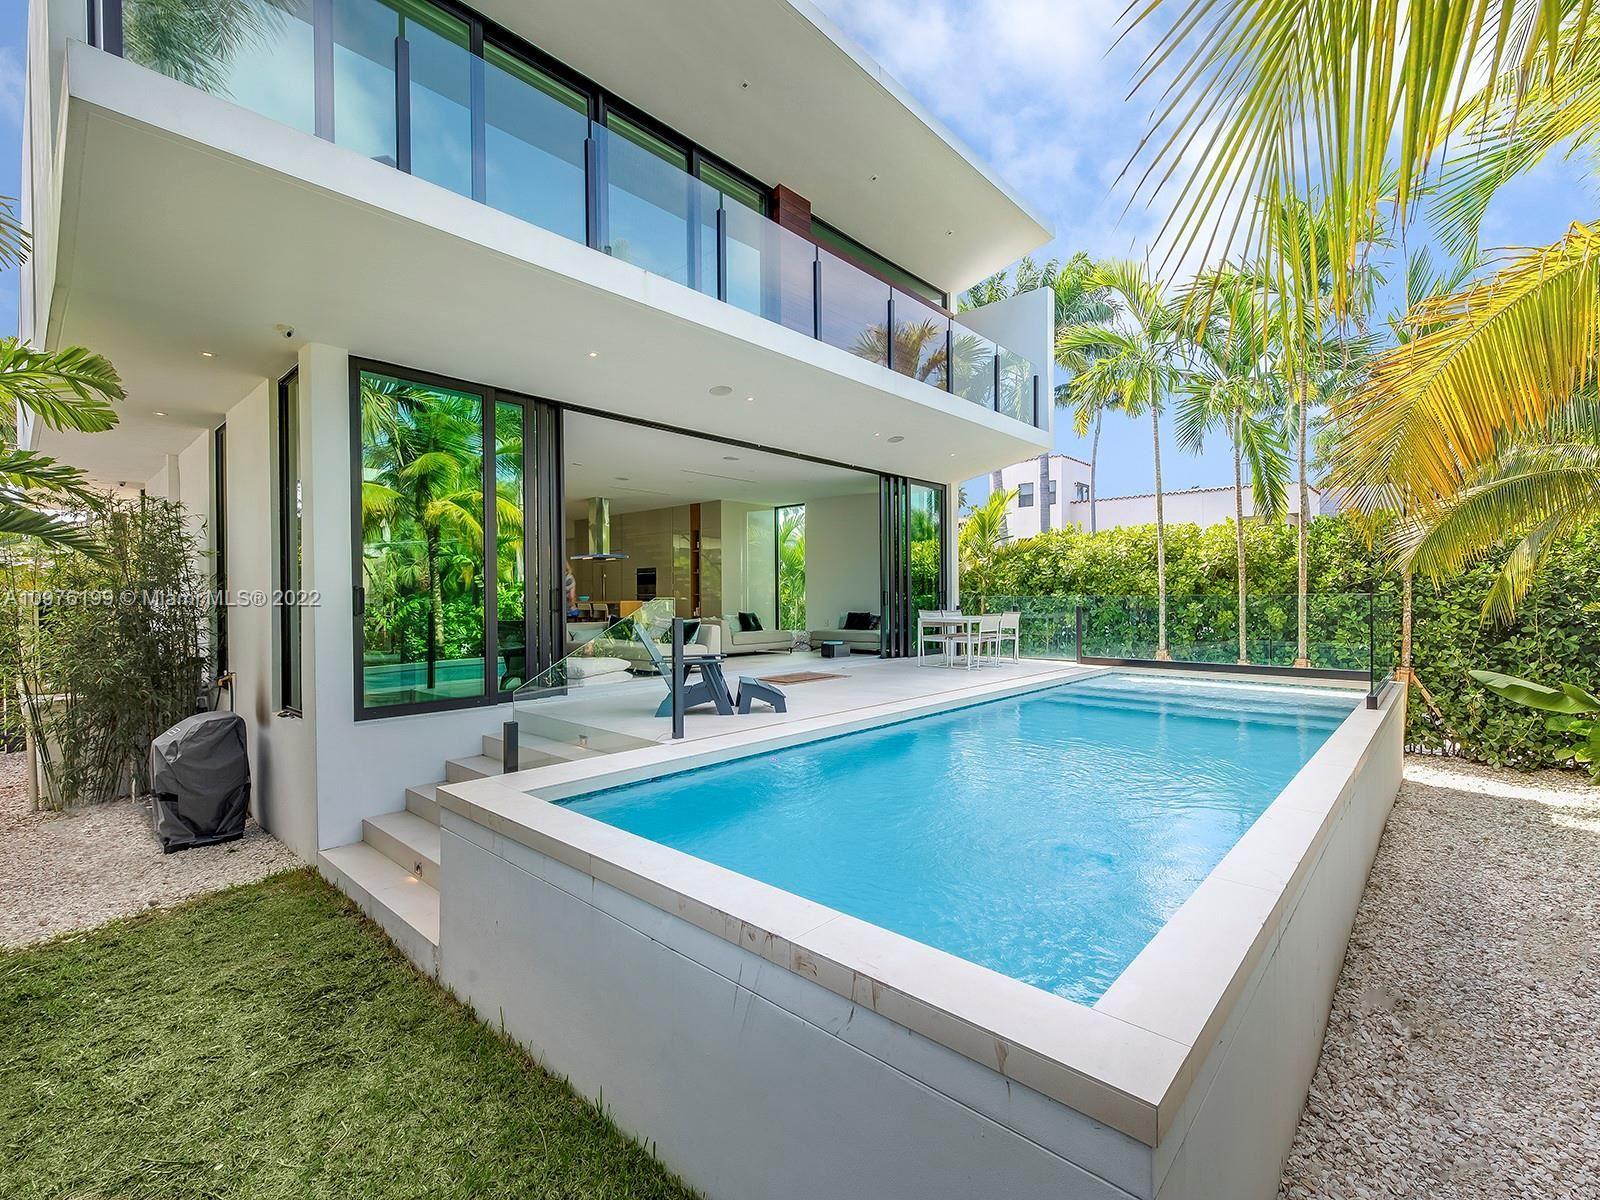 247 Palm Ave, Miami Beach, FL 33139 - #: A10976199